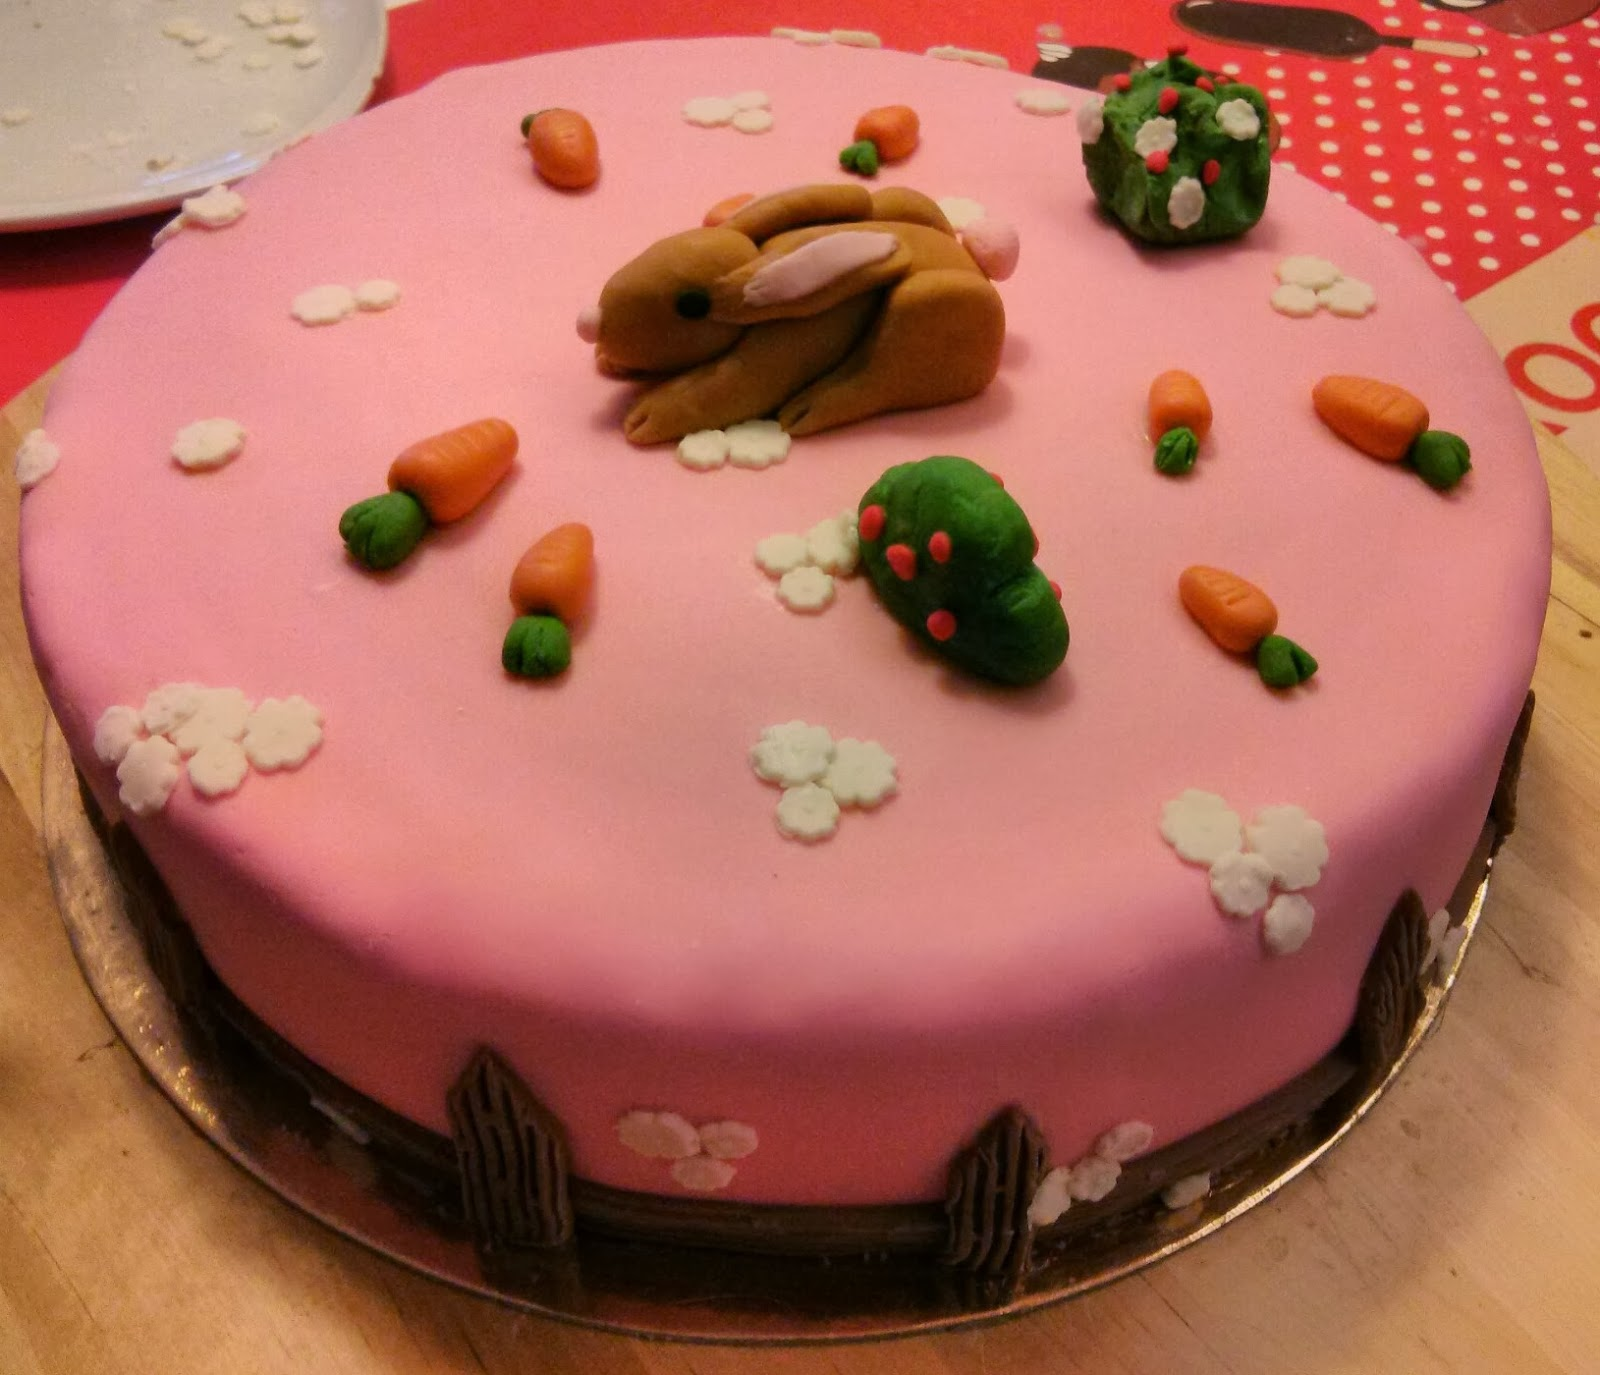 torta-coniglietto-coniglio-pasta-zucchero-carote-carotine